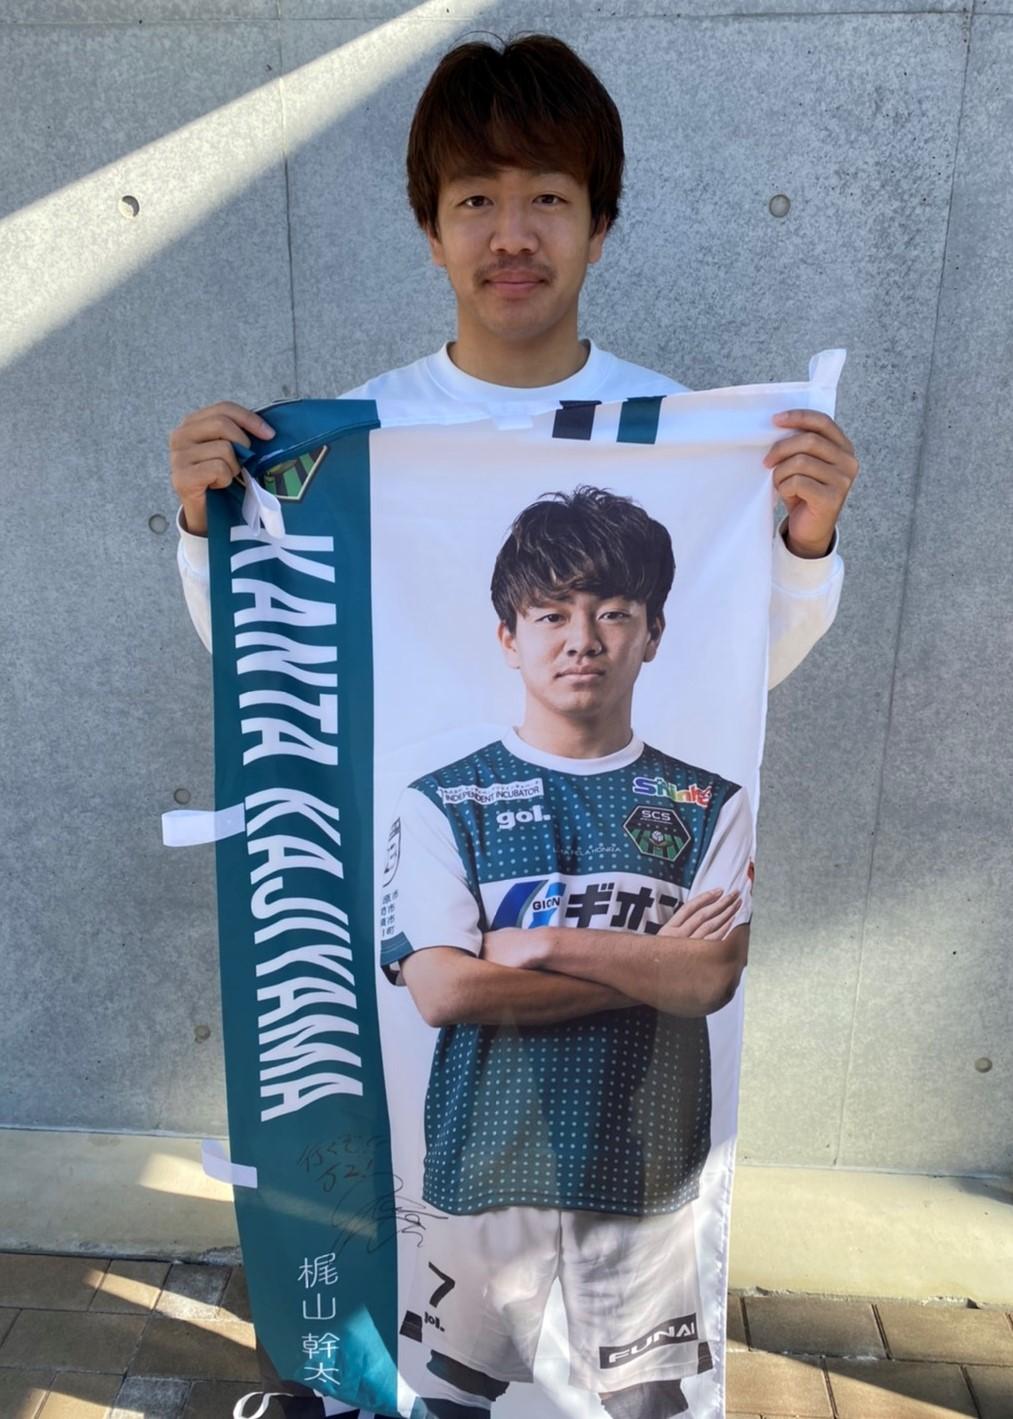 【公式】実使用・本人直筆サイン入「2020シーズン選手のぼり」梶山 幹太